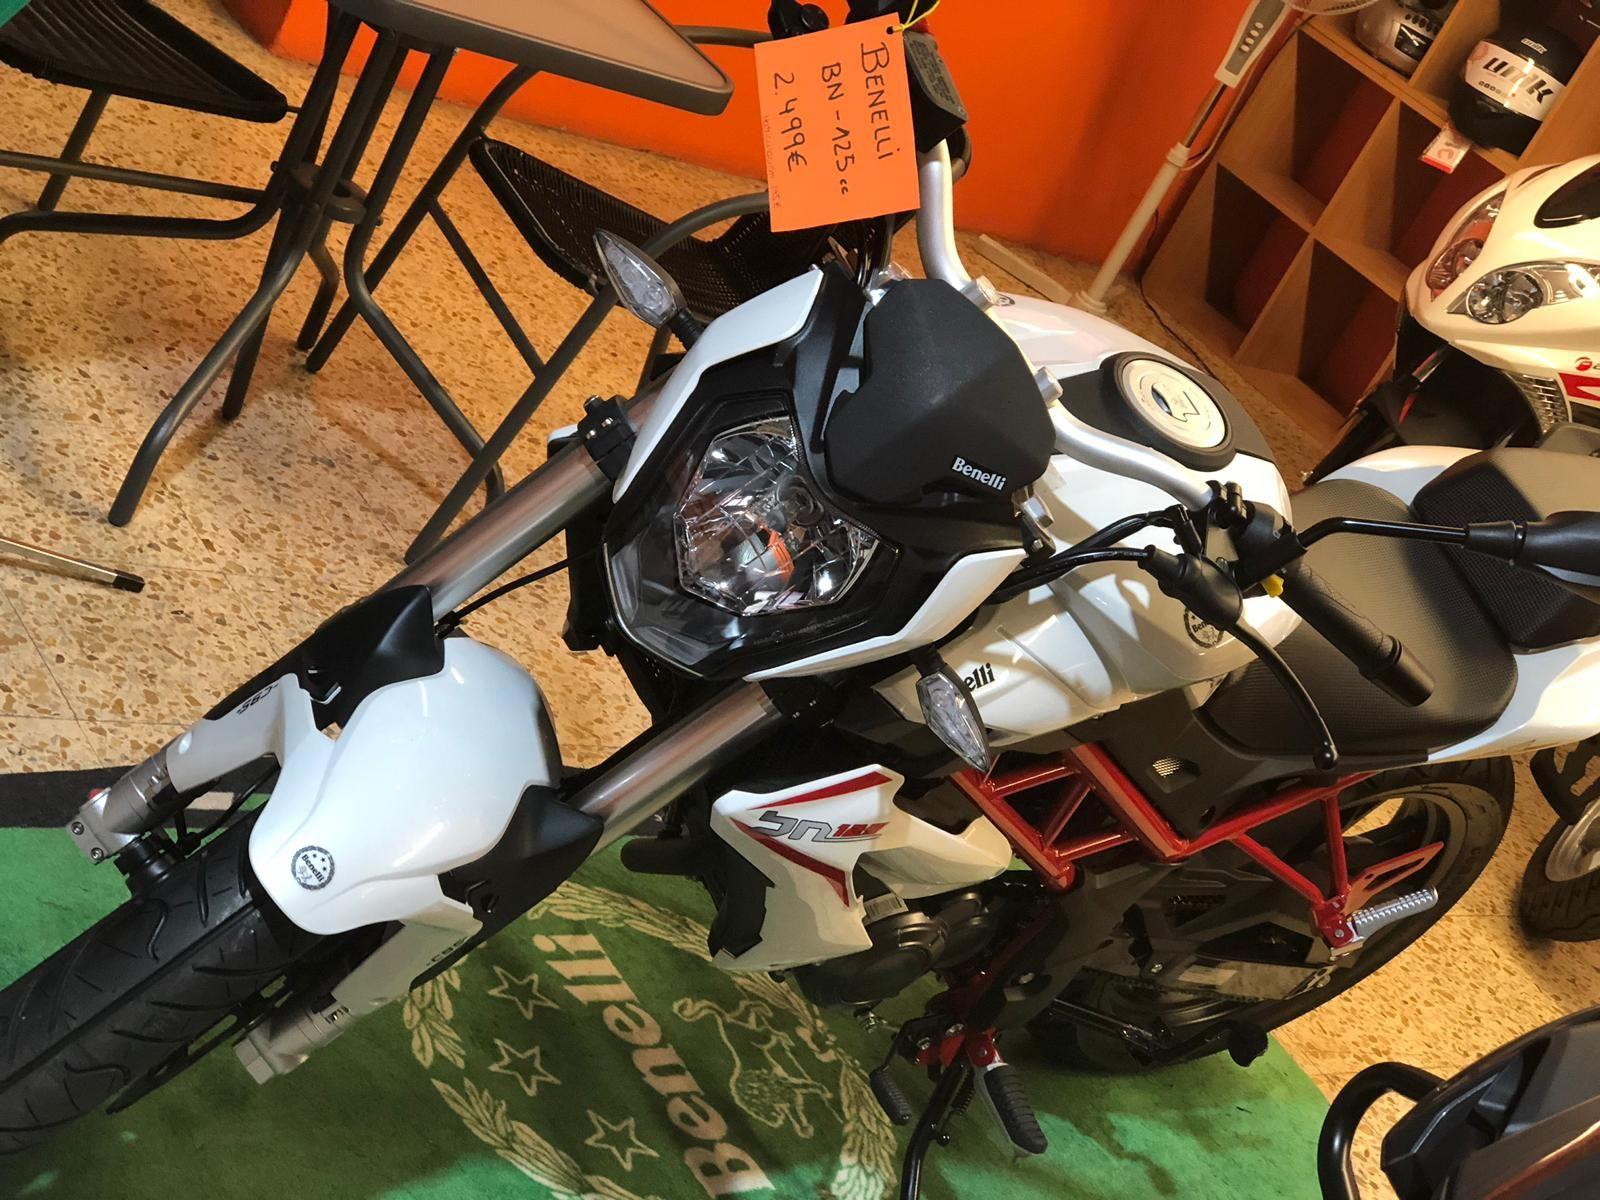 Comprar motos Lleida